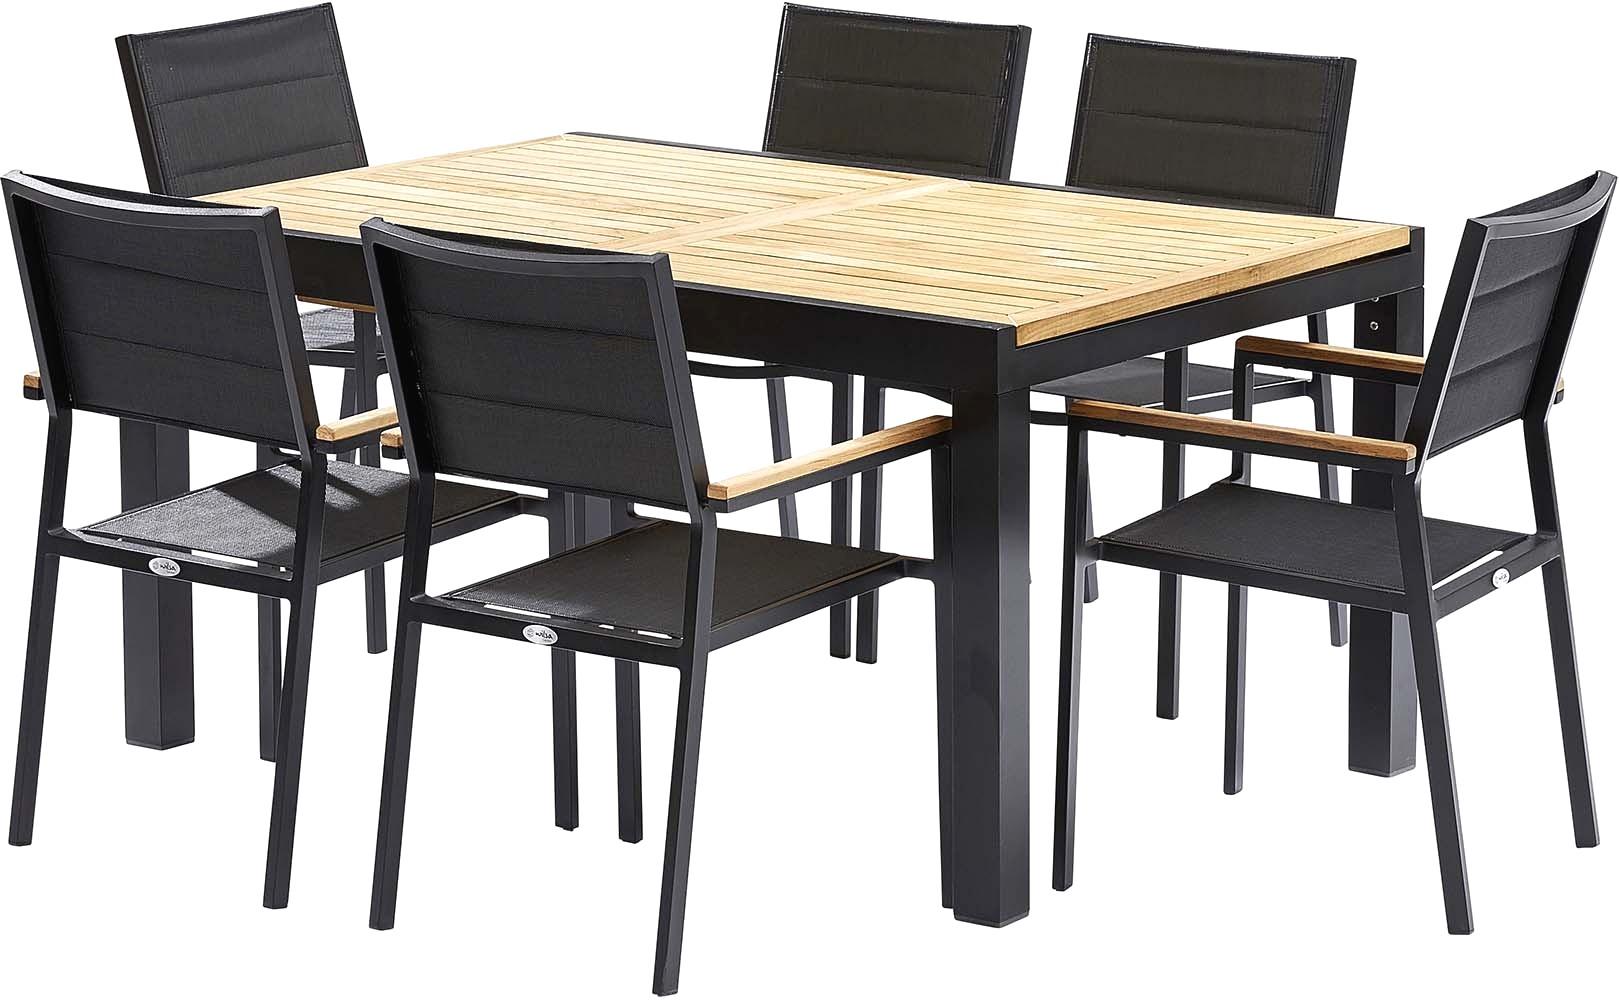 Table Fauteuil Jardin Emejing Table Salon De Jardin